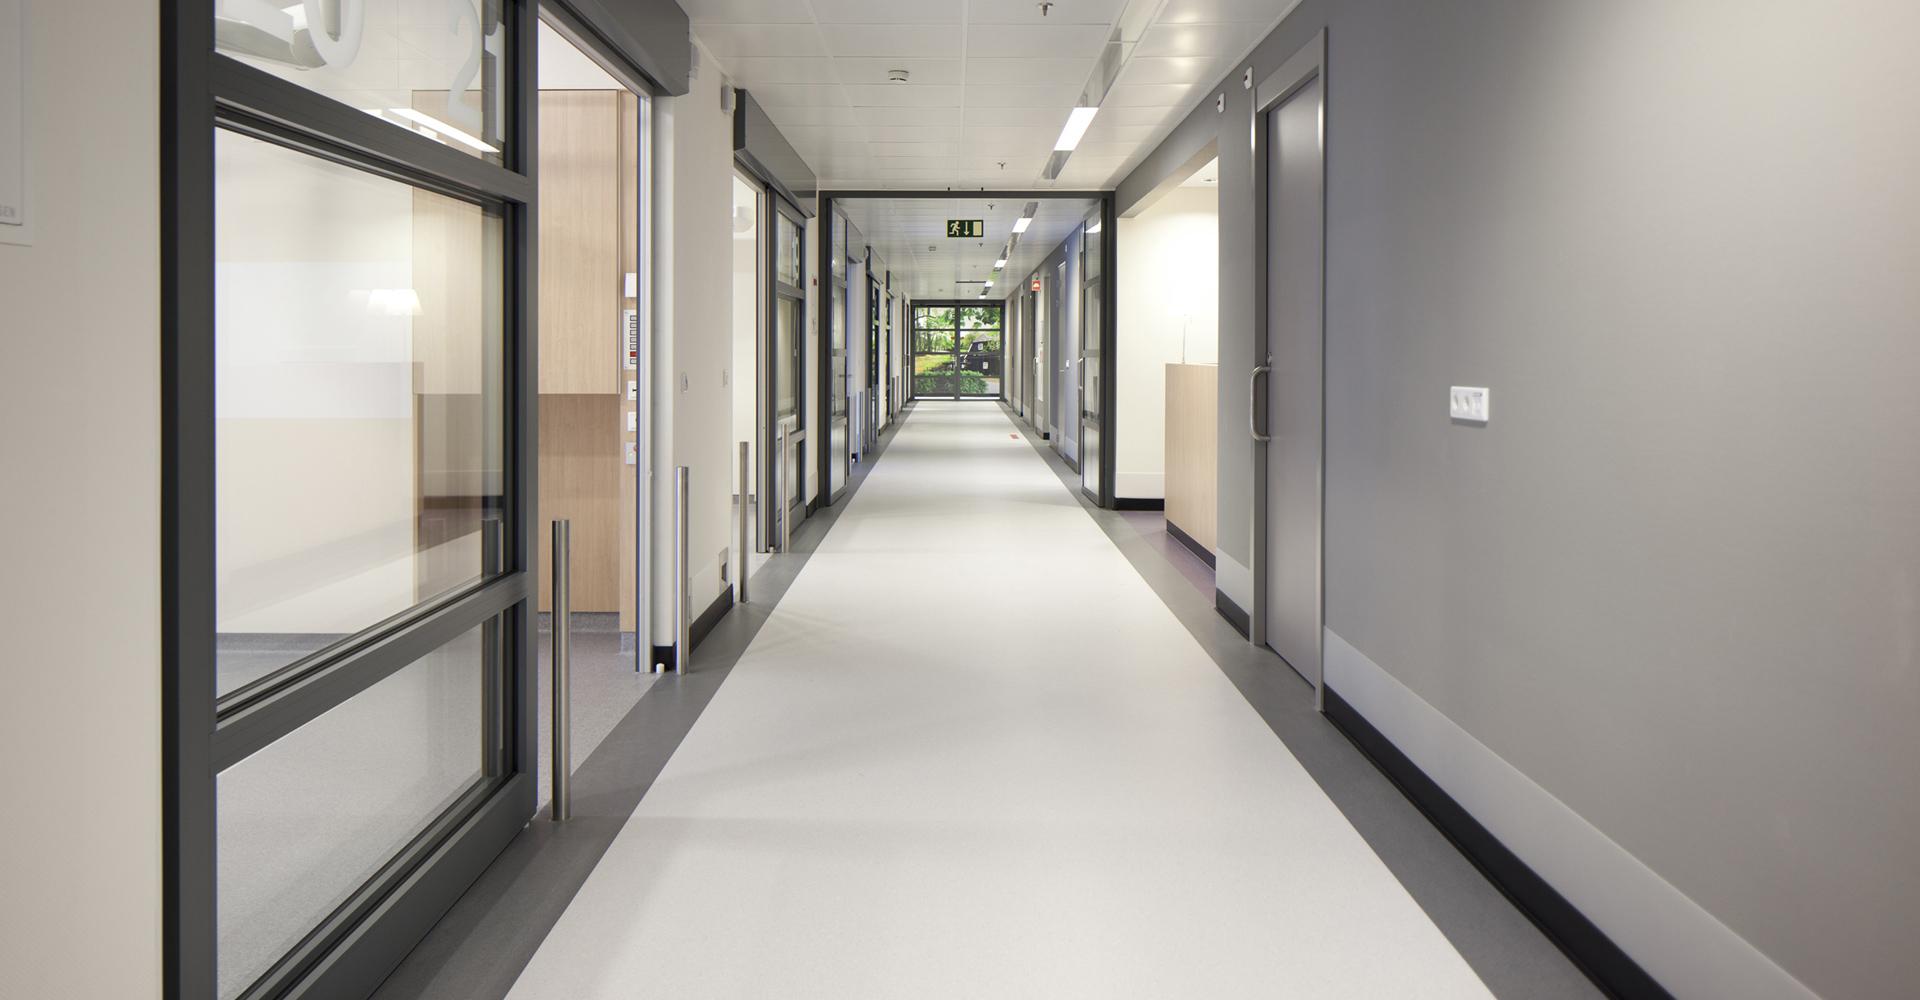 Ziekenhuisvloer hal